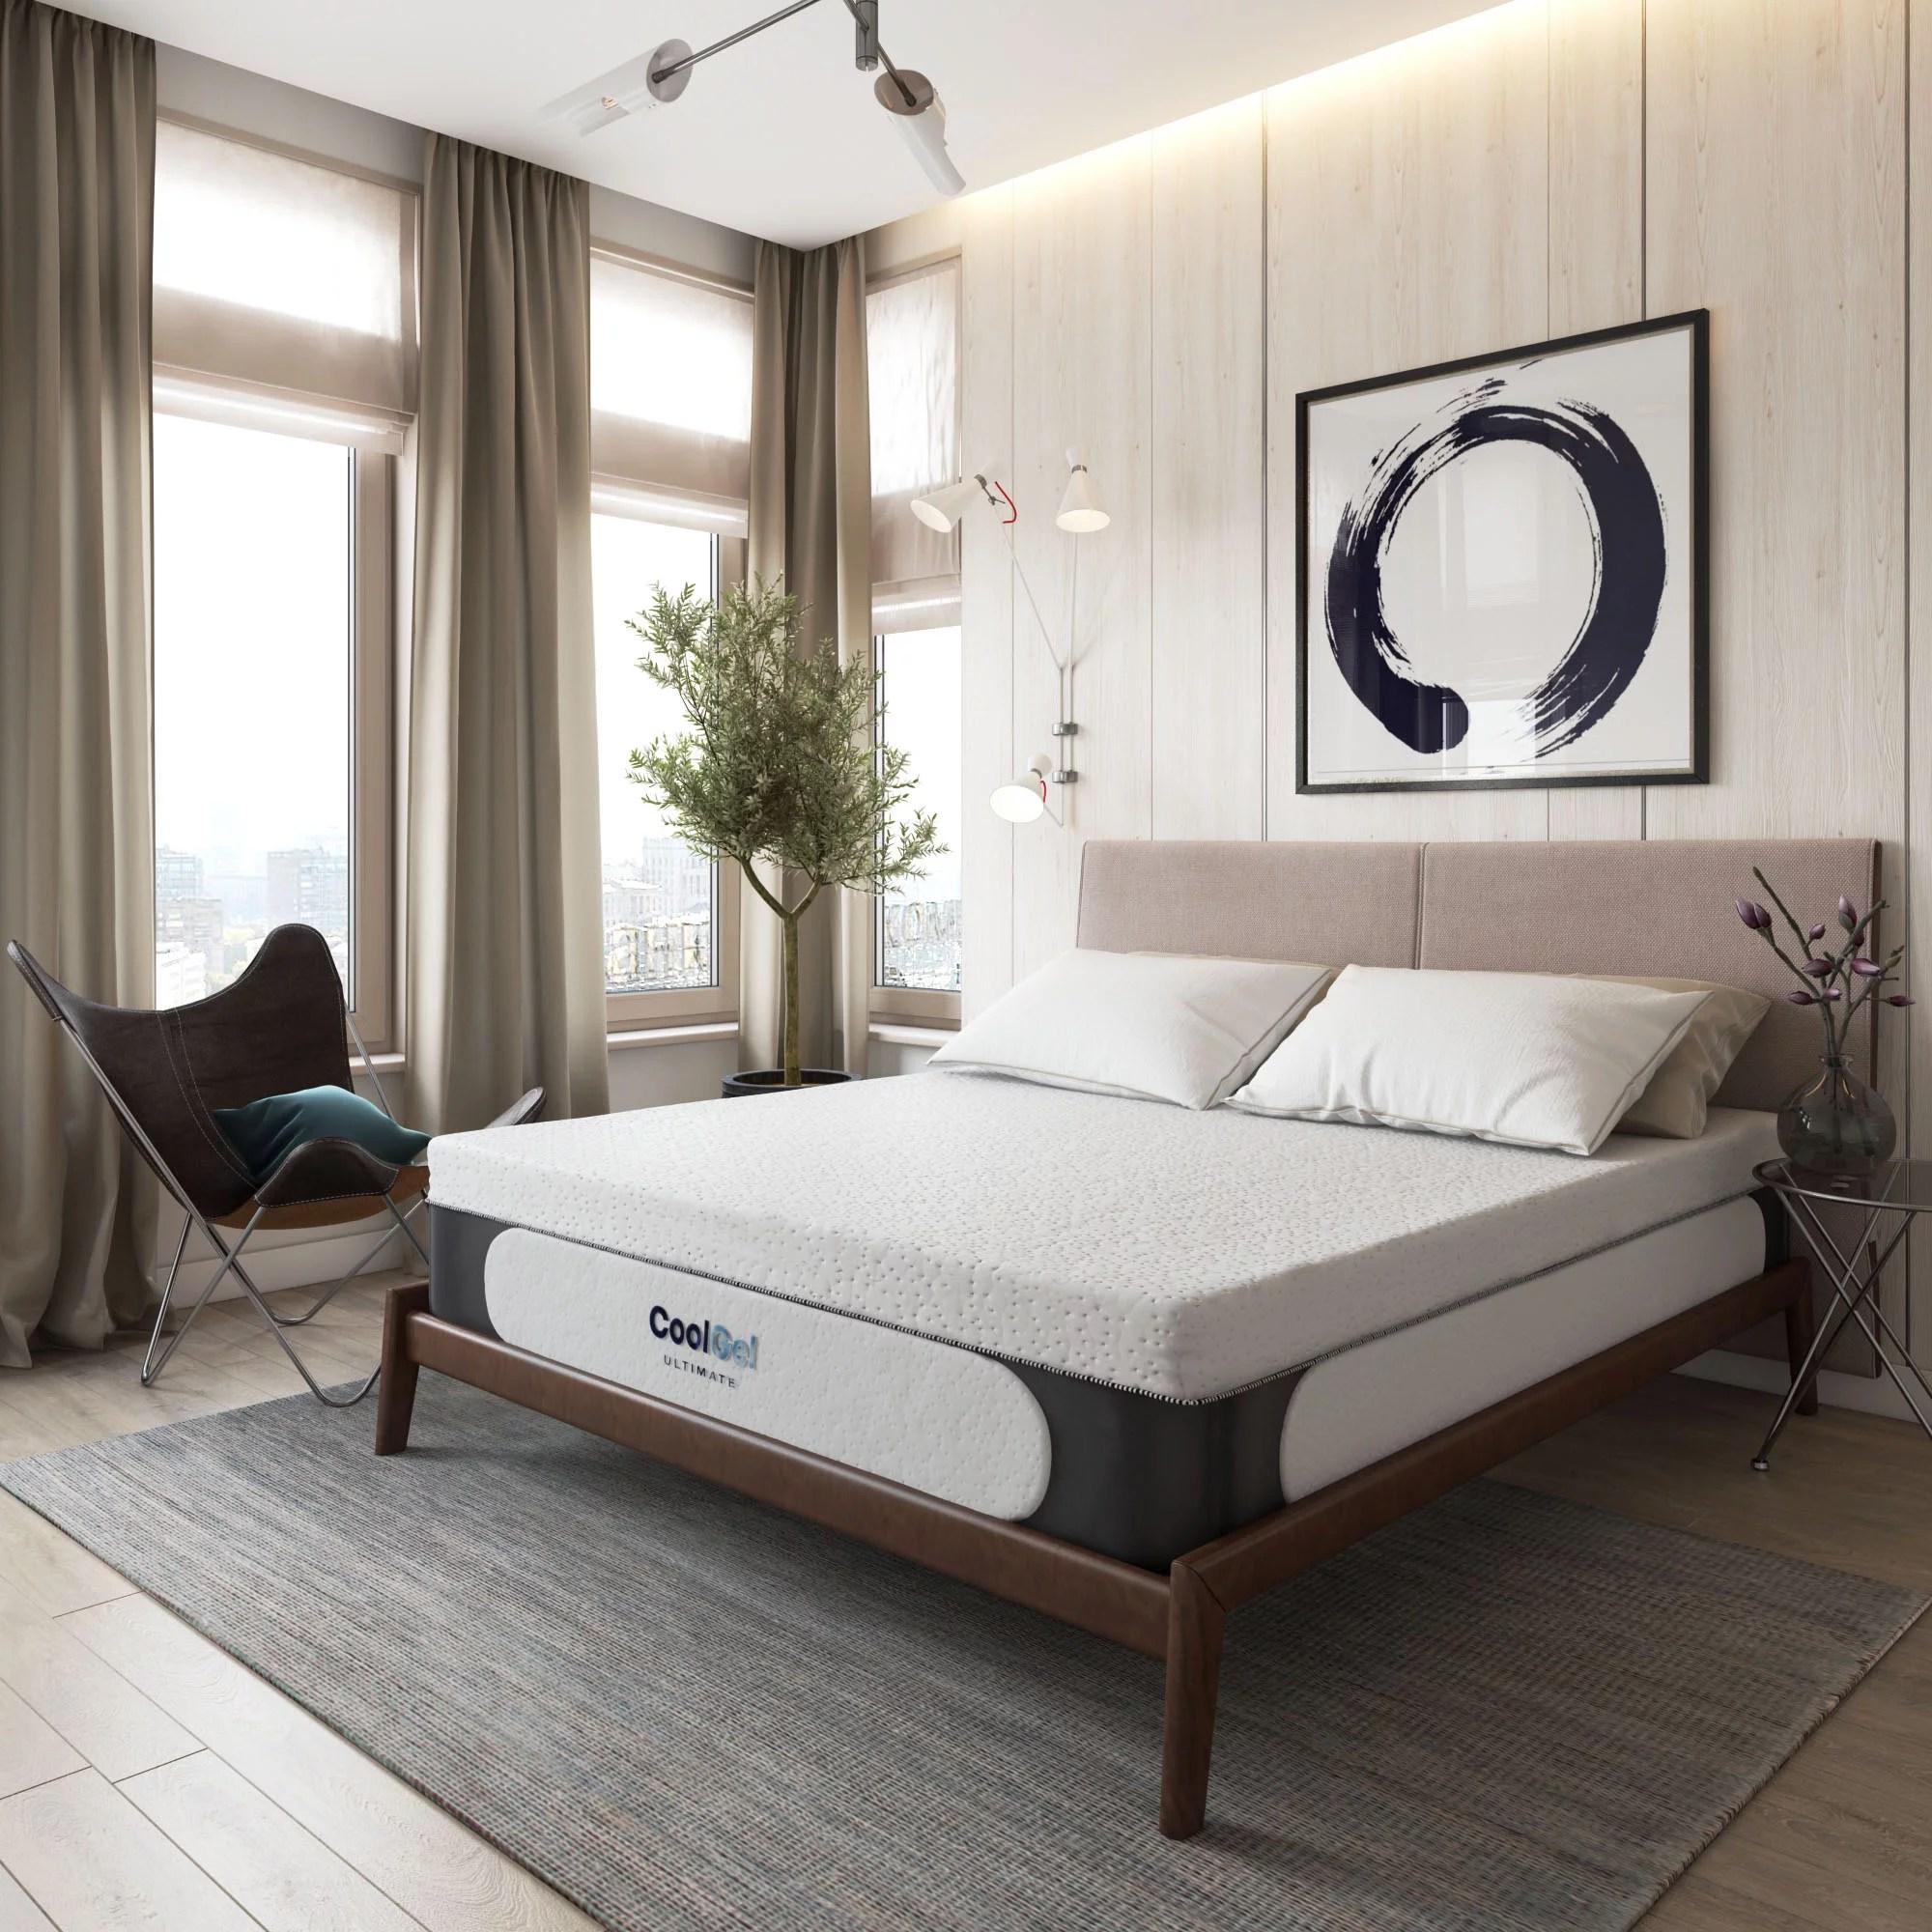 modern sleep 14 cool gel memory foam mattress with bonus 2 pillows queen